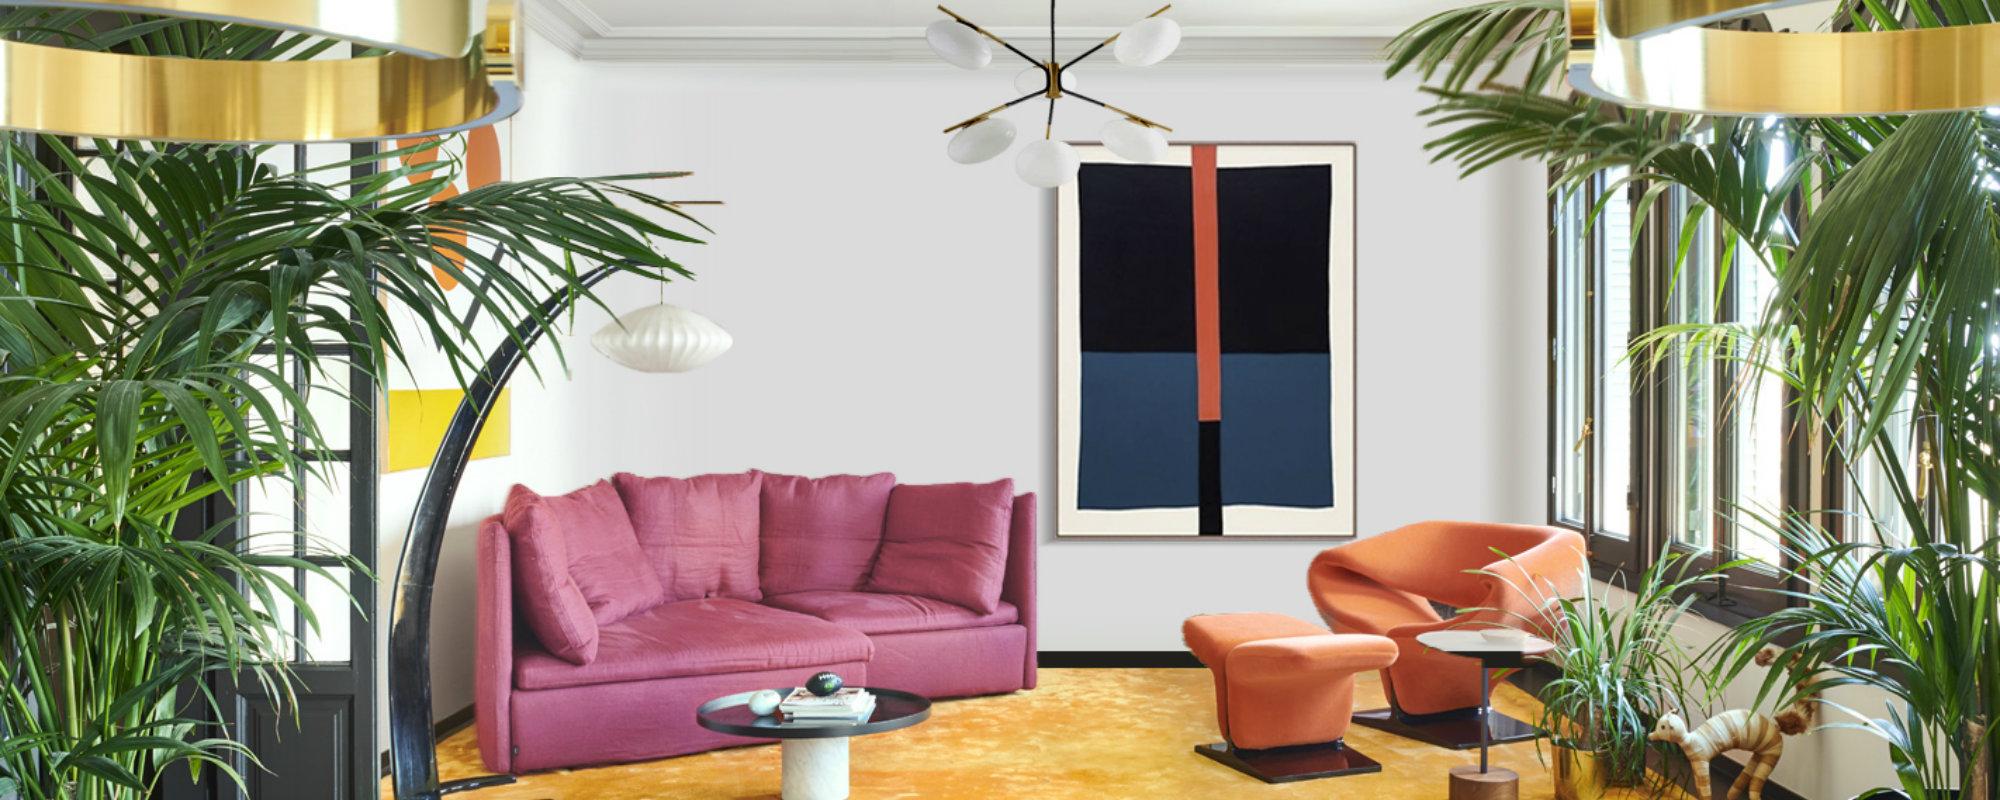 Estudio de Interiorismo: Georg Kayser con proyectos de diseño lujuosos en Barcelona estudio de interiorismo Estudio de Interiorismo: Georg Kayser con proyectos de diseño lujuosos en Barcelona Featured 4